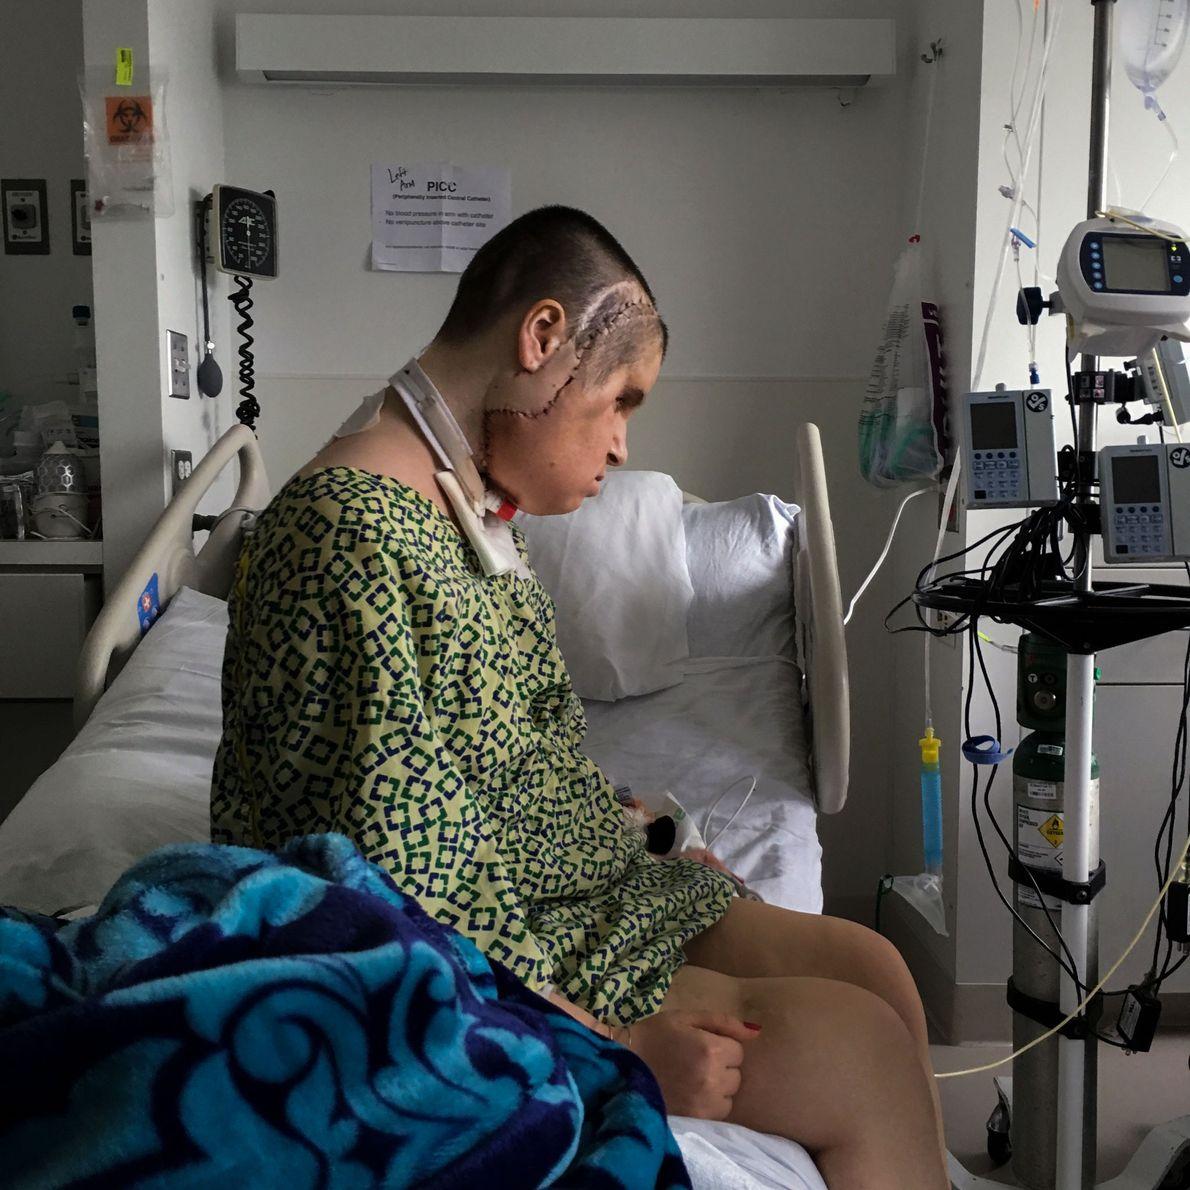 Katie Stubblefield está sentada sozinha, num momento pessoal, na unidade de cuidados intensivos da Clínica de ...